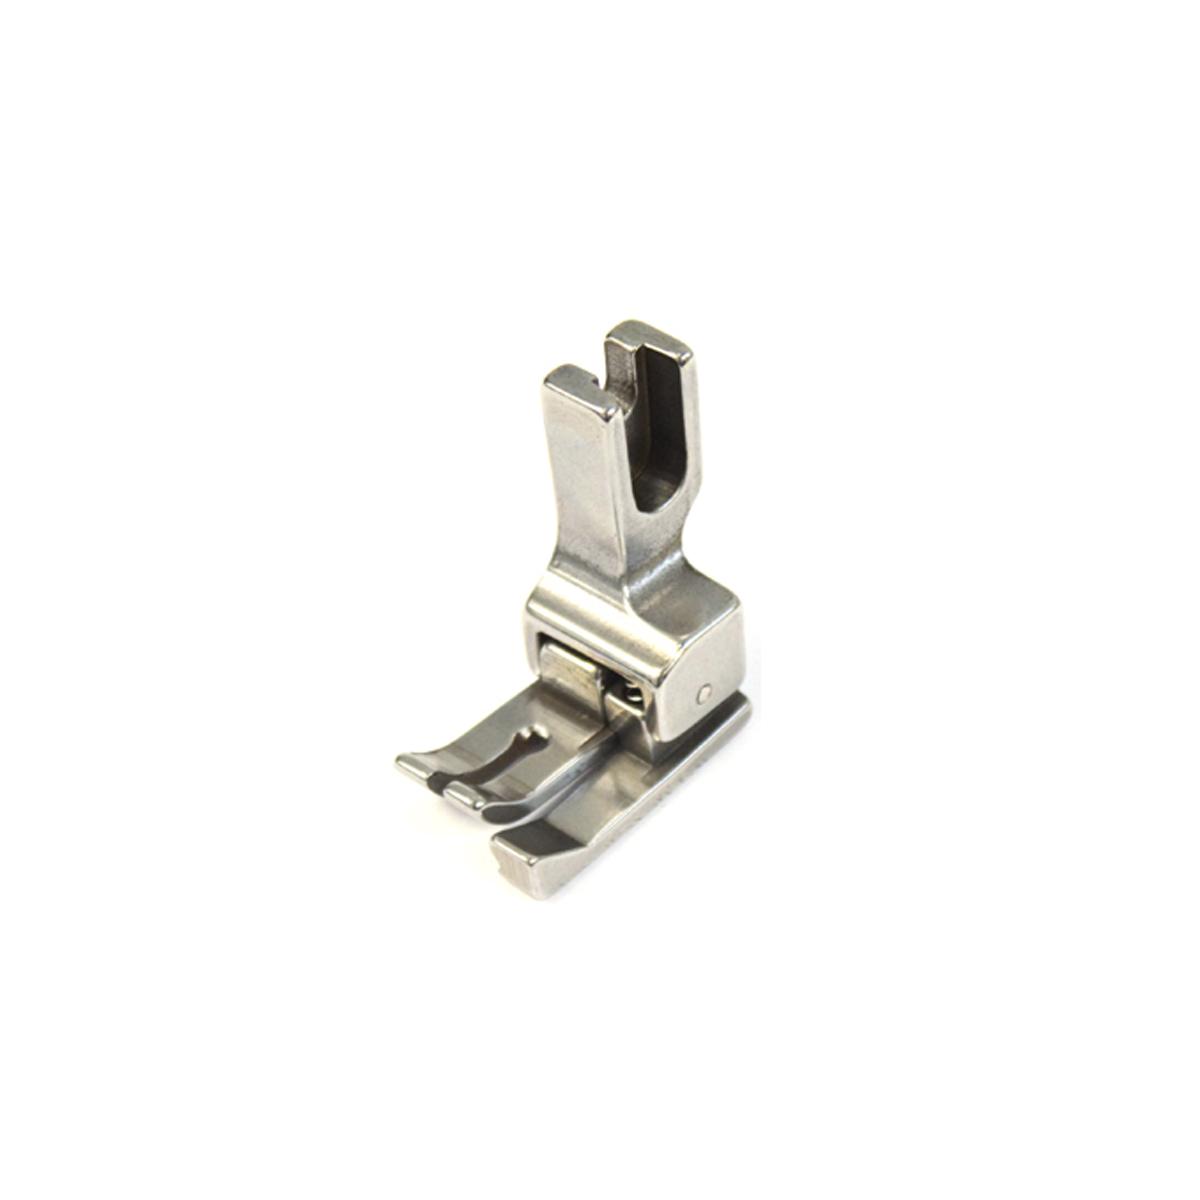 Лапка для швейной машины Bestex, правая, для отстрочки края материалов, 5 мм580836Лапка для швейной машины Bestex изготовлена из металла. Изделие используется для отстрочки края материалов. Подходит для большинства современных бытовых швейных машин.